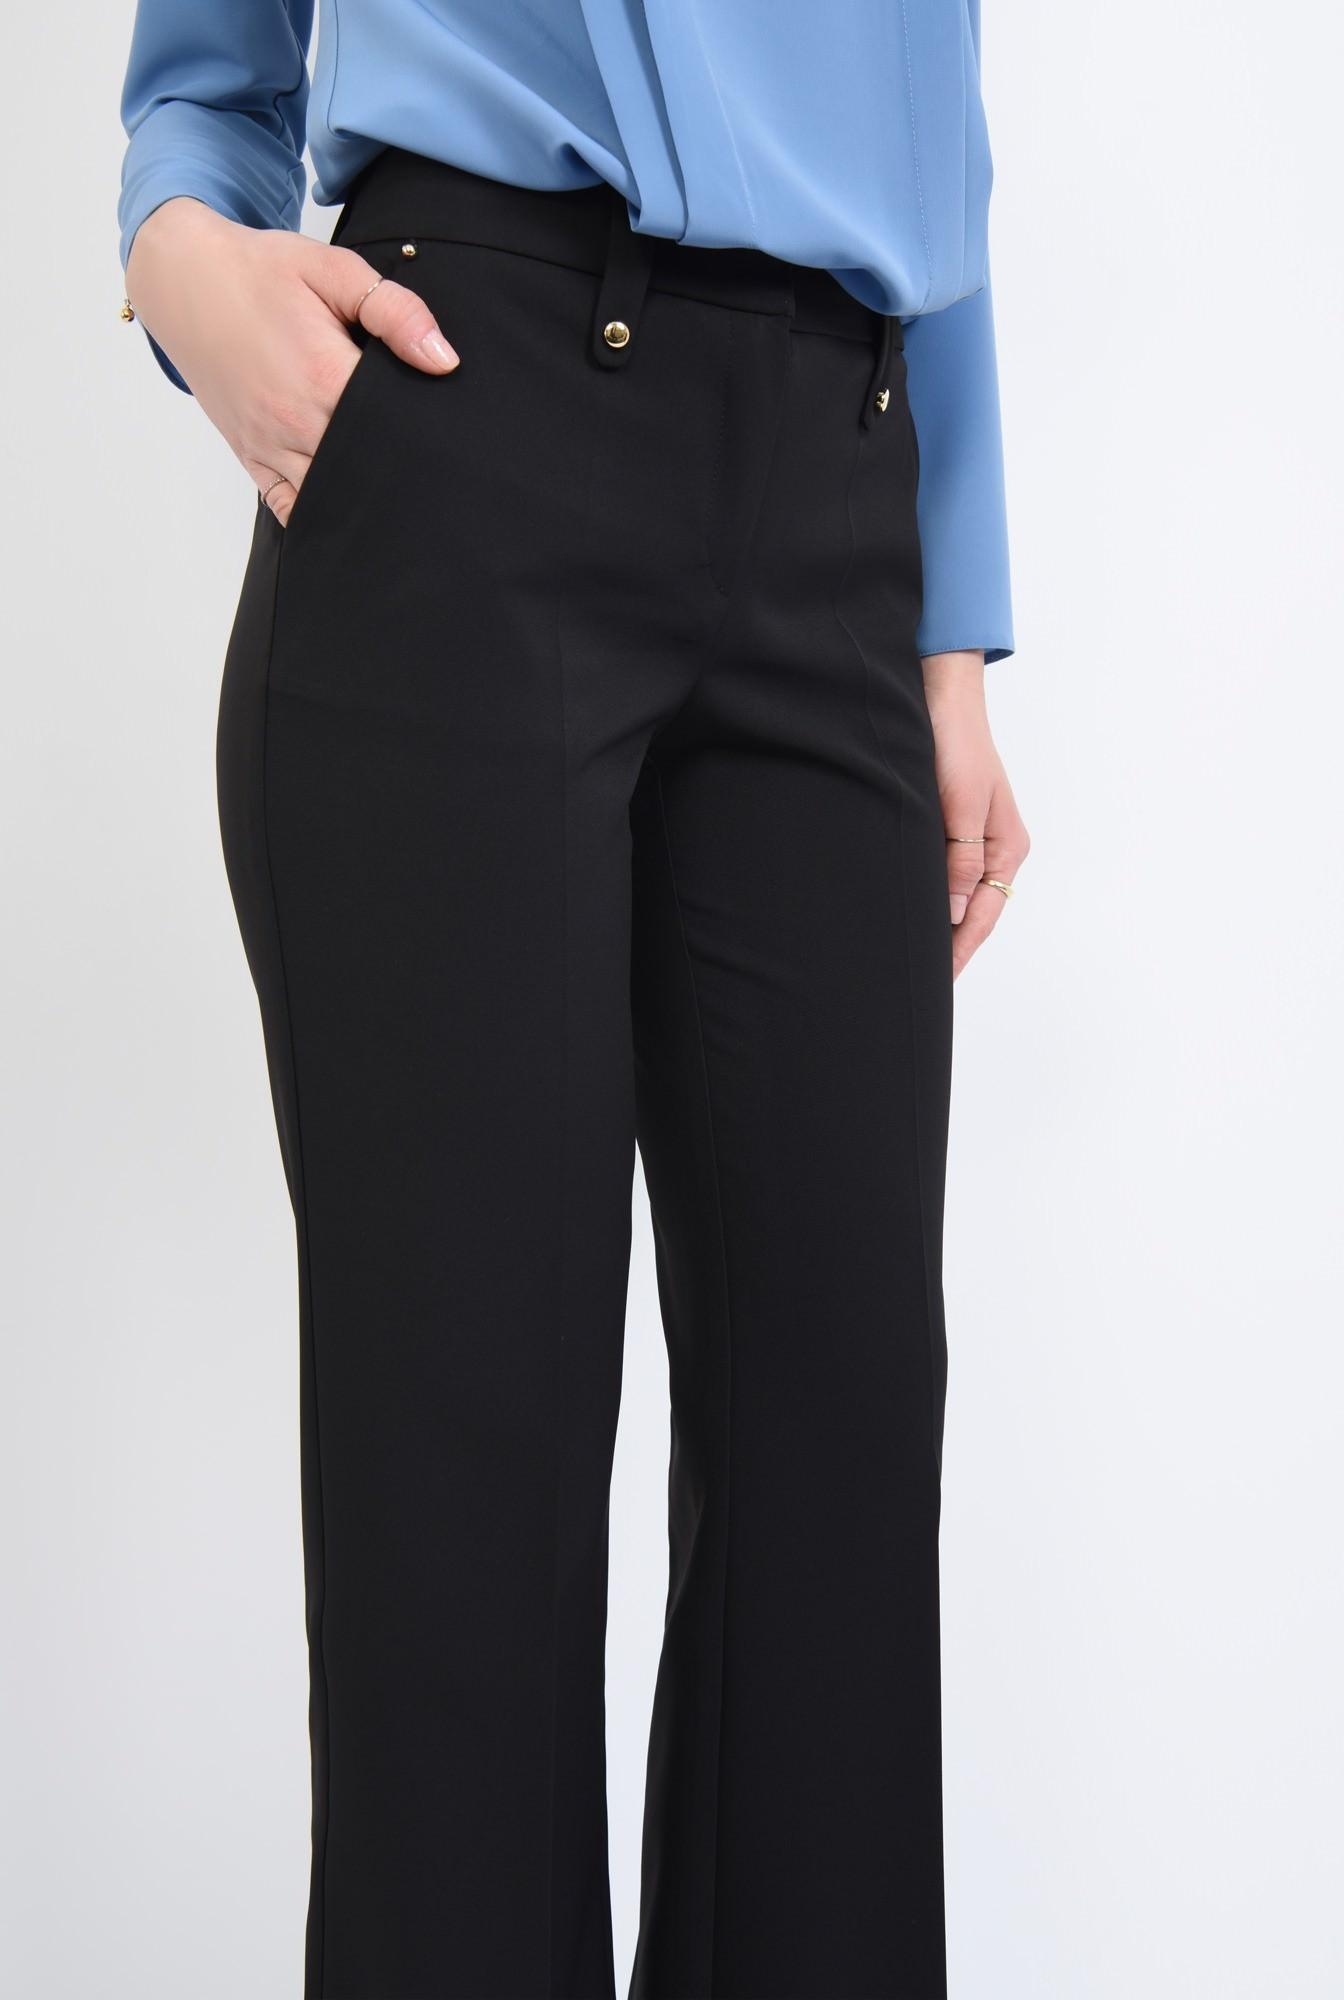 2 - Pantaloni casual, croi drept